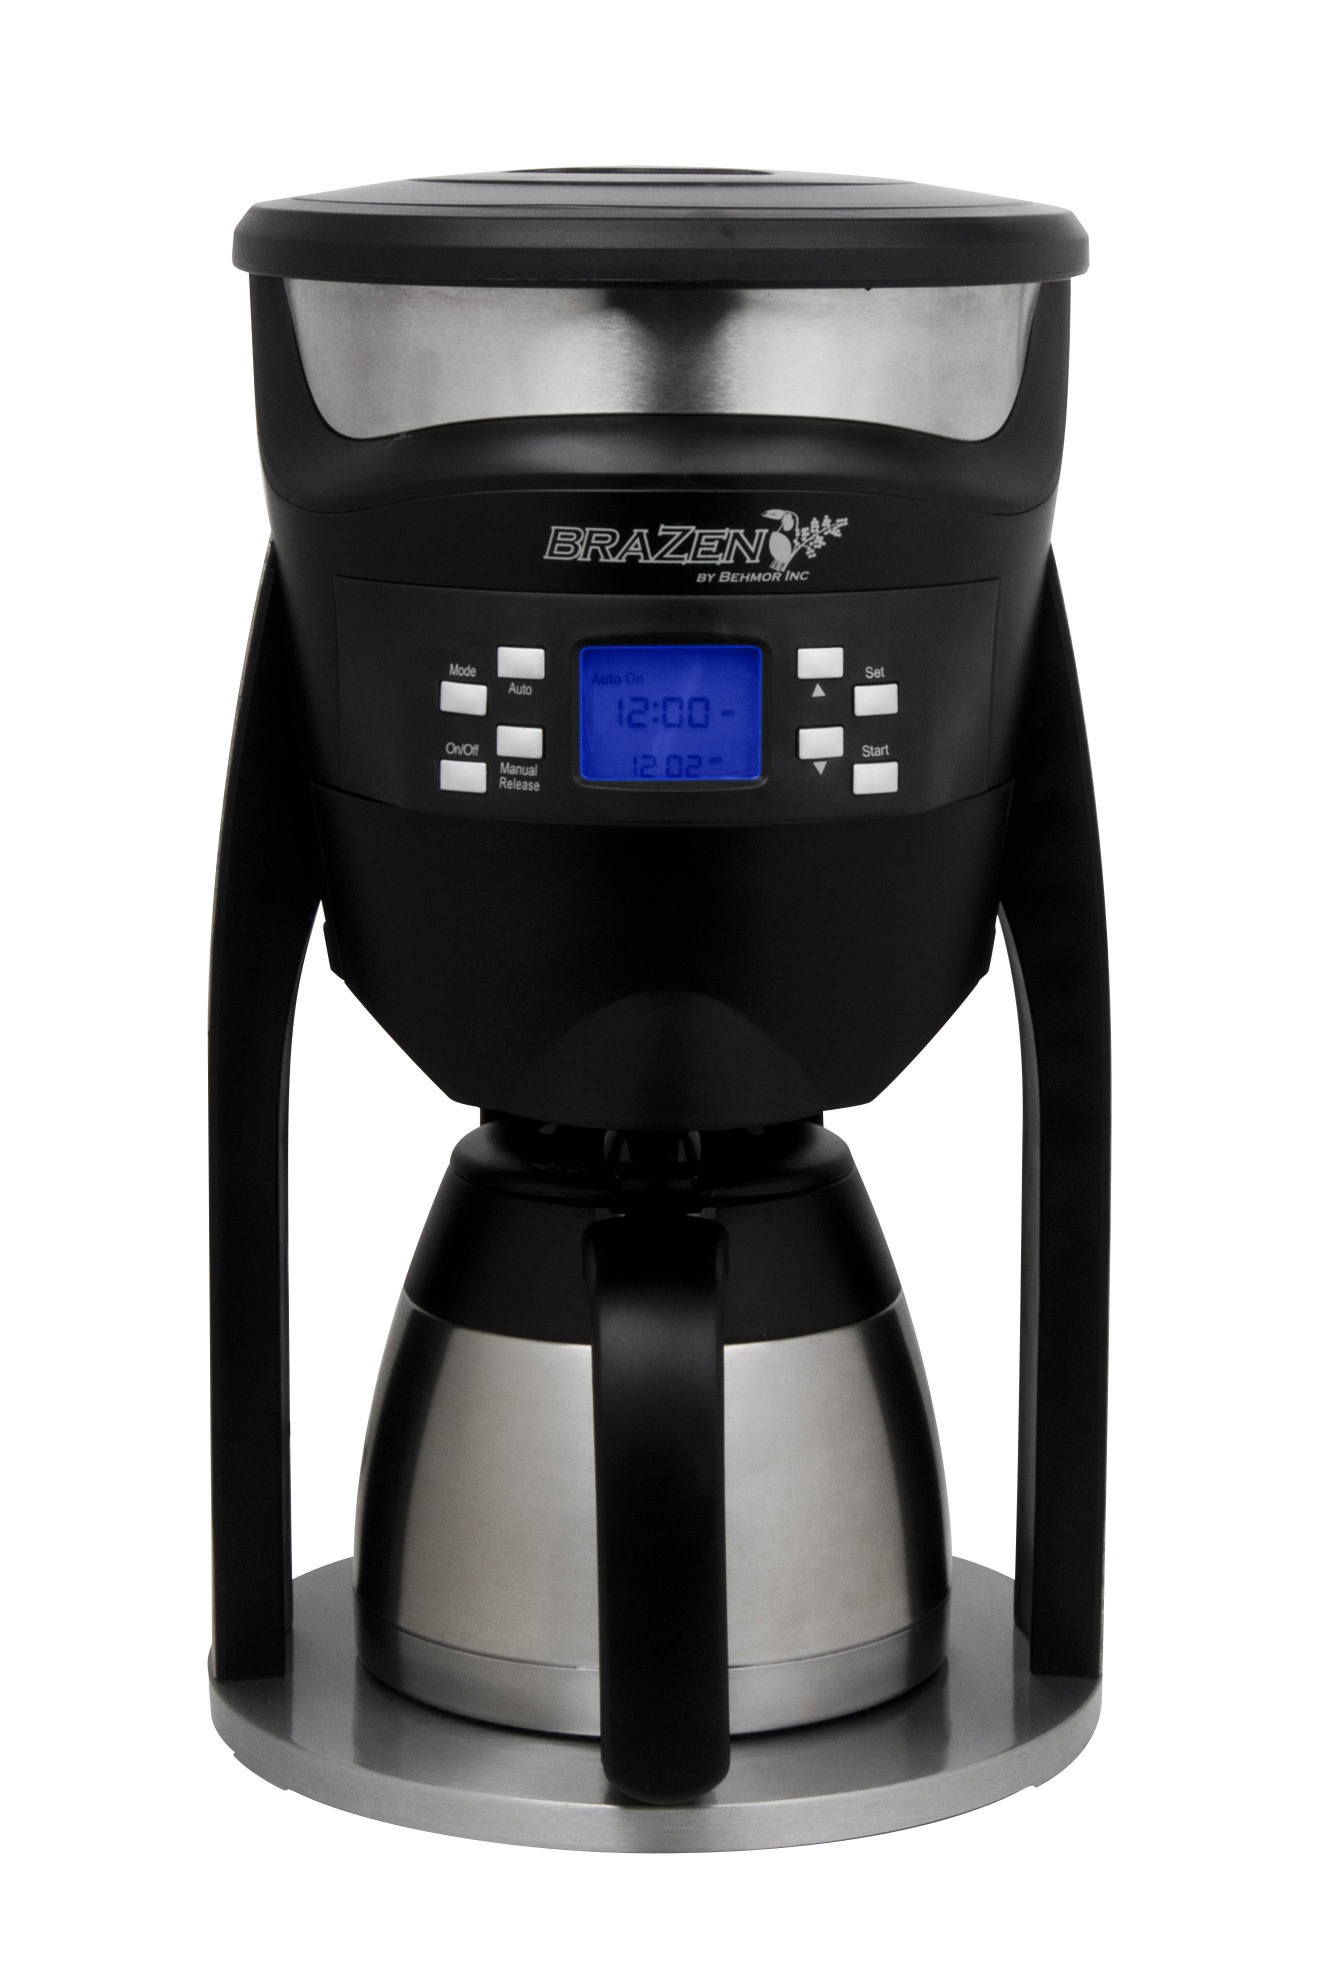 Ovastar Coffee Maker Reviews : Behmor BraZen Brewer Review